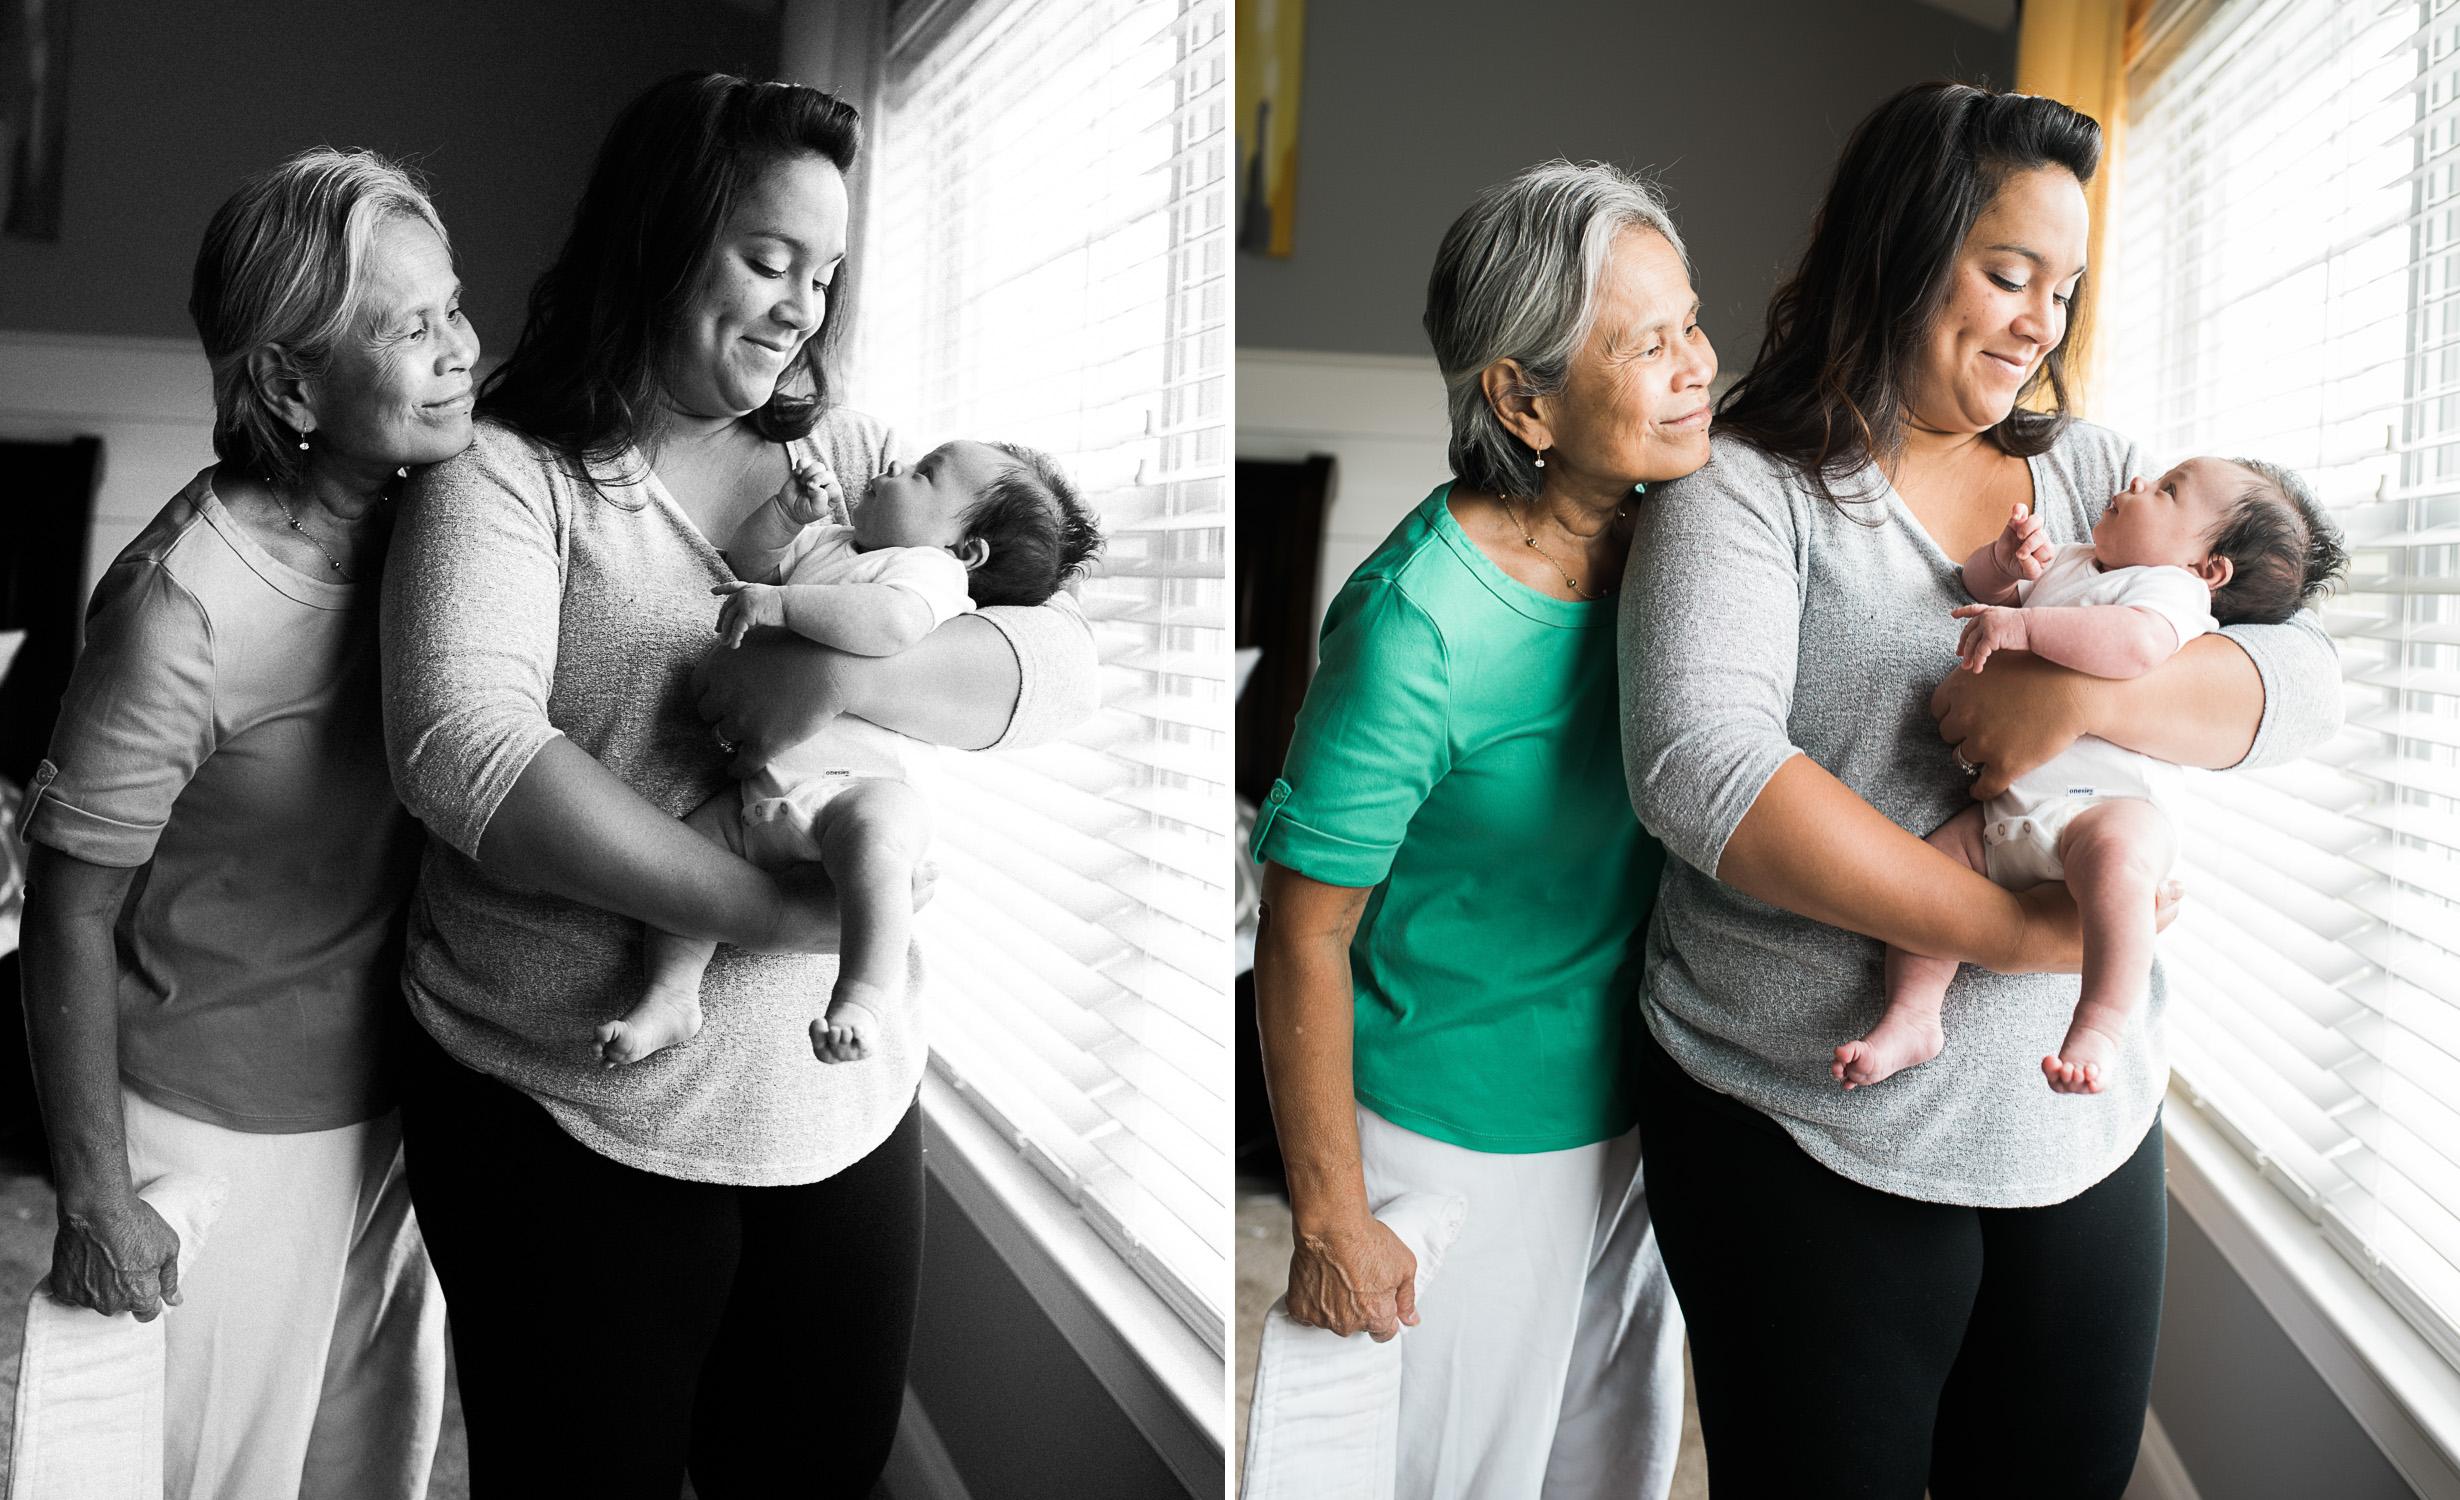 1-Maryland-Newborn-Photographer-Lifestyle-Session-By-Breanna-Kuhlmann-BKLP-Photos.jpg